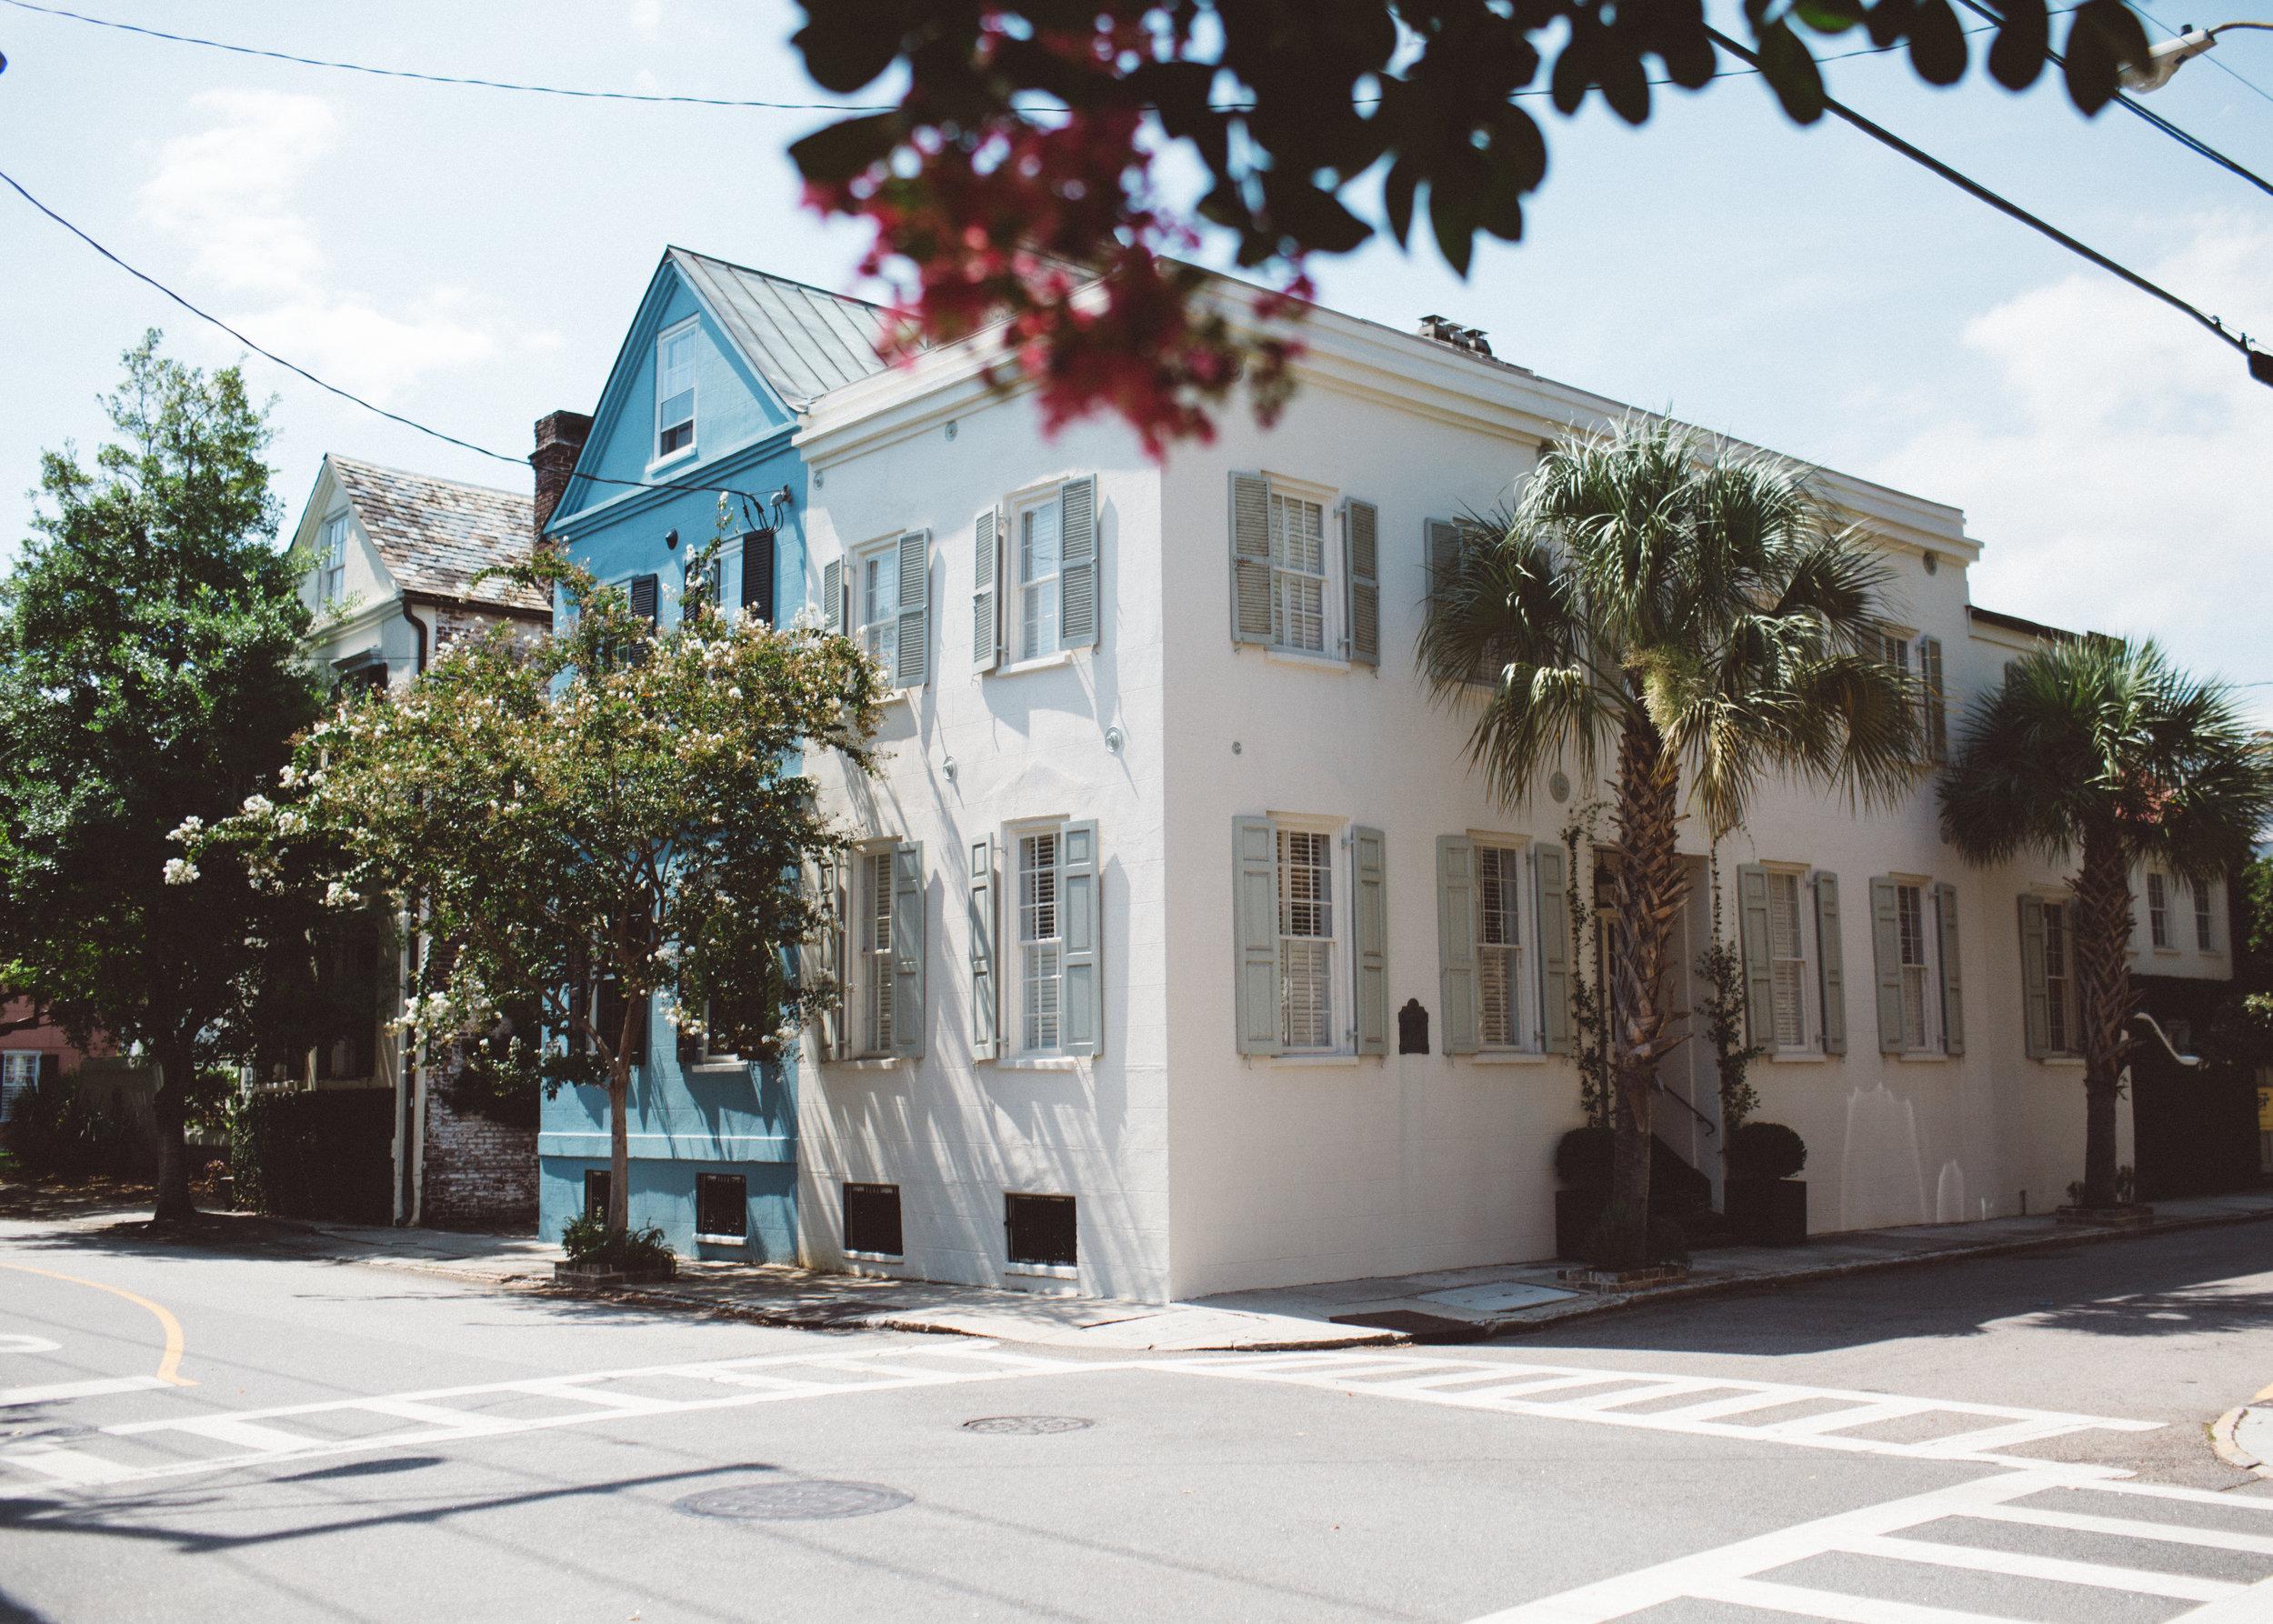 Charleston-8994.jpg